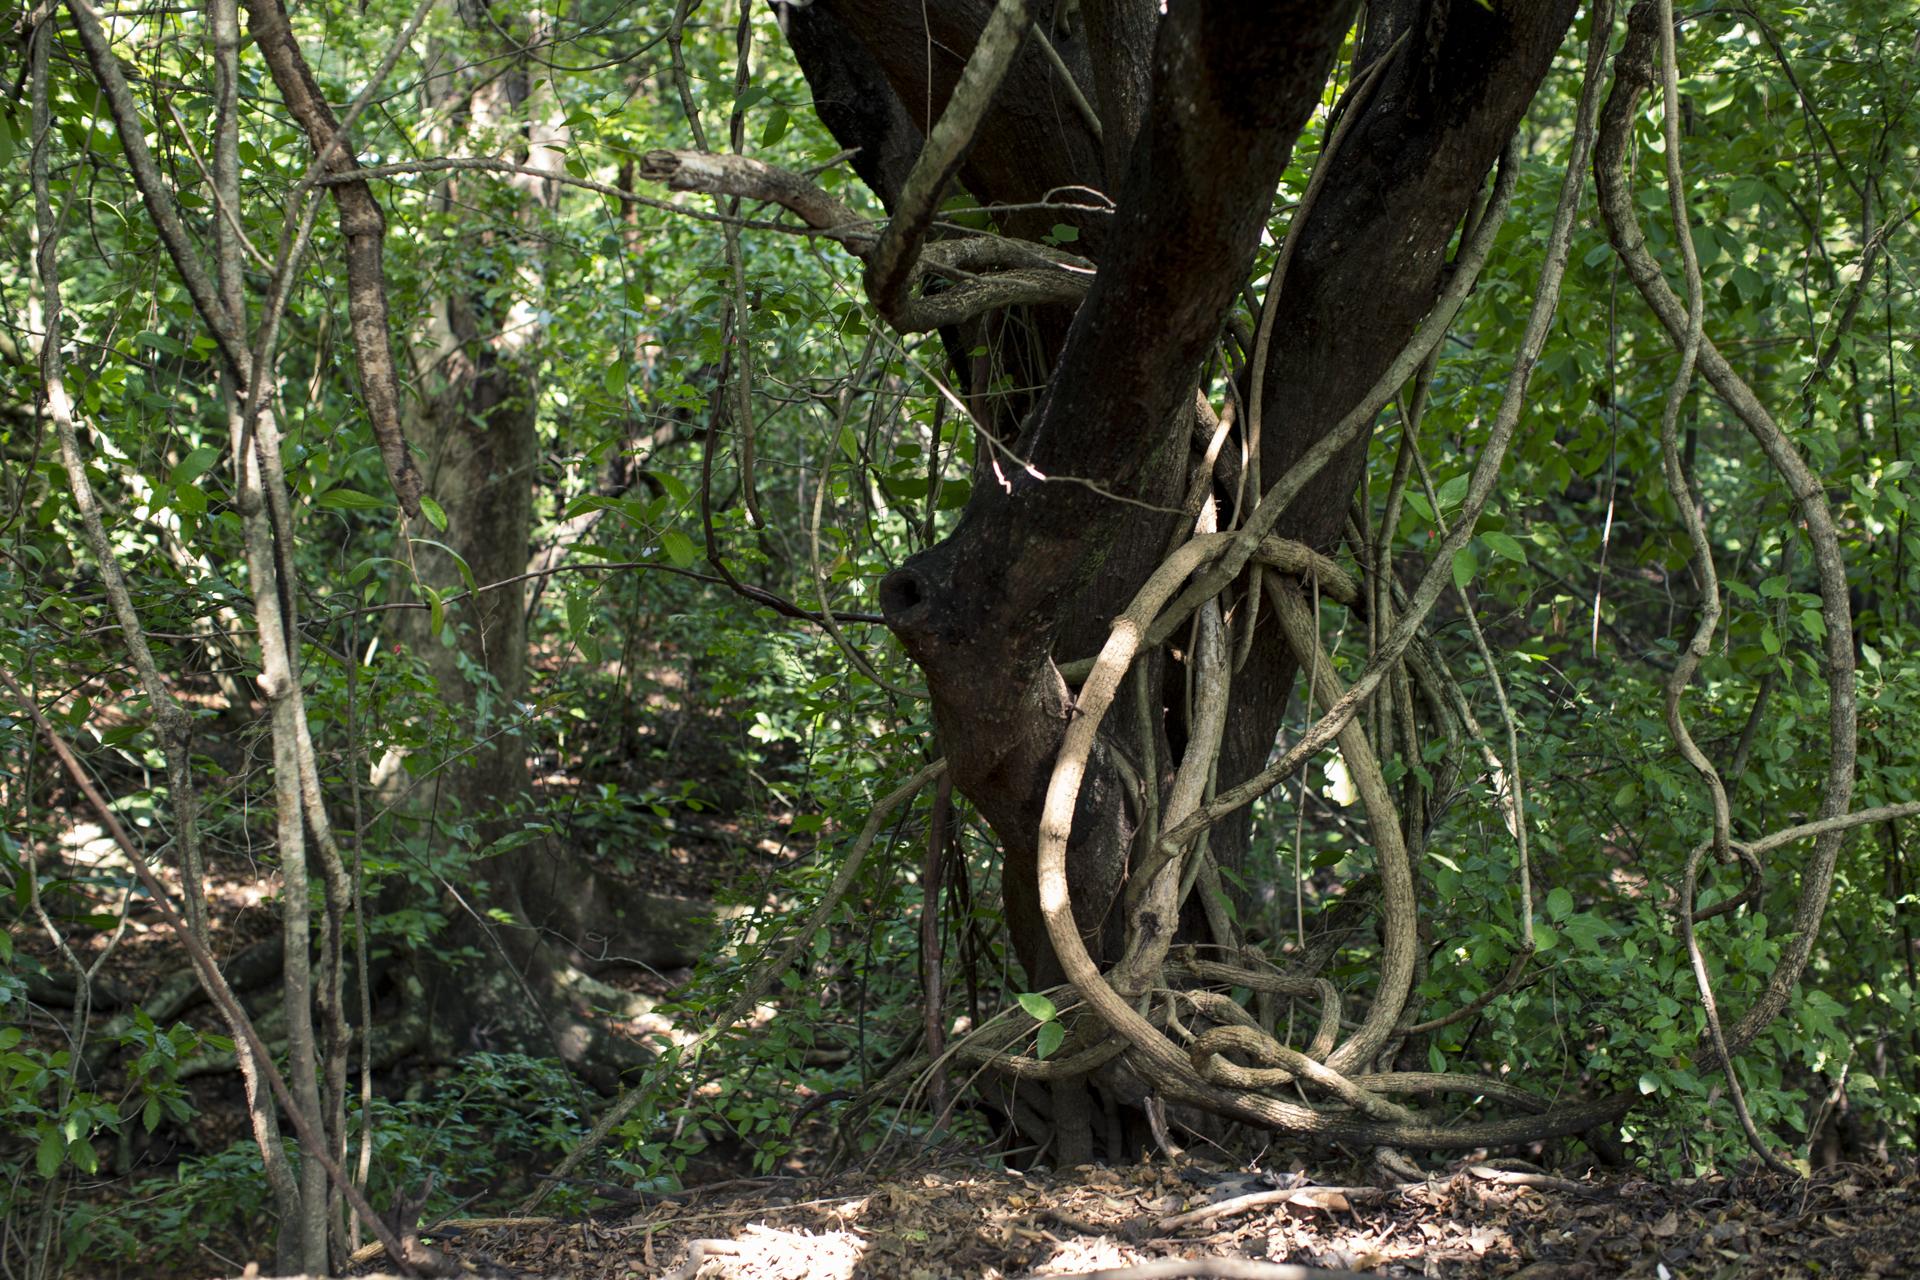 La comunidad de Santa Lucía está en alerta roja por escasez de agua, pero además sus bosques se enfrentan a la tala de árbol impidiéndole a sus habitantes tener sombra del sol guanacasteco.